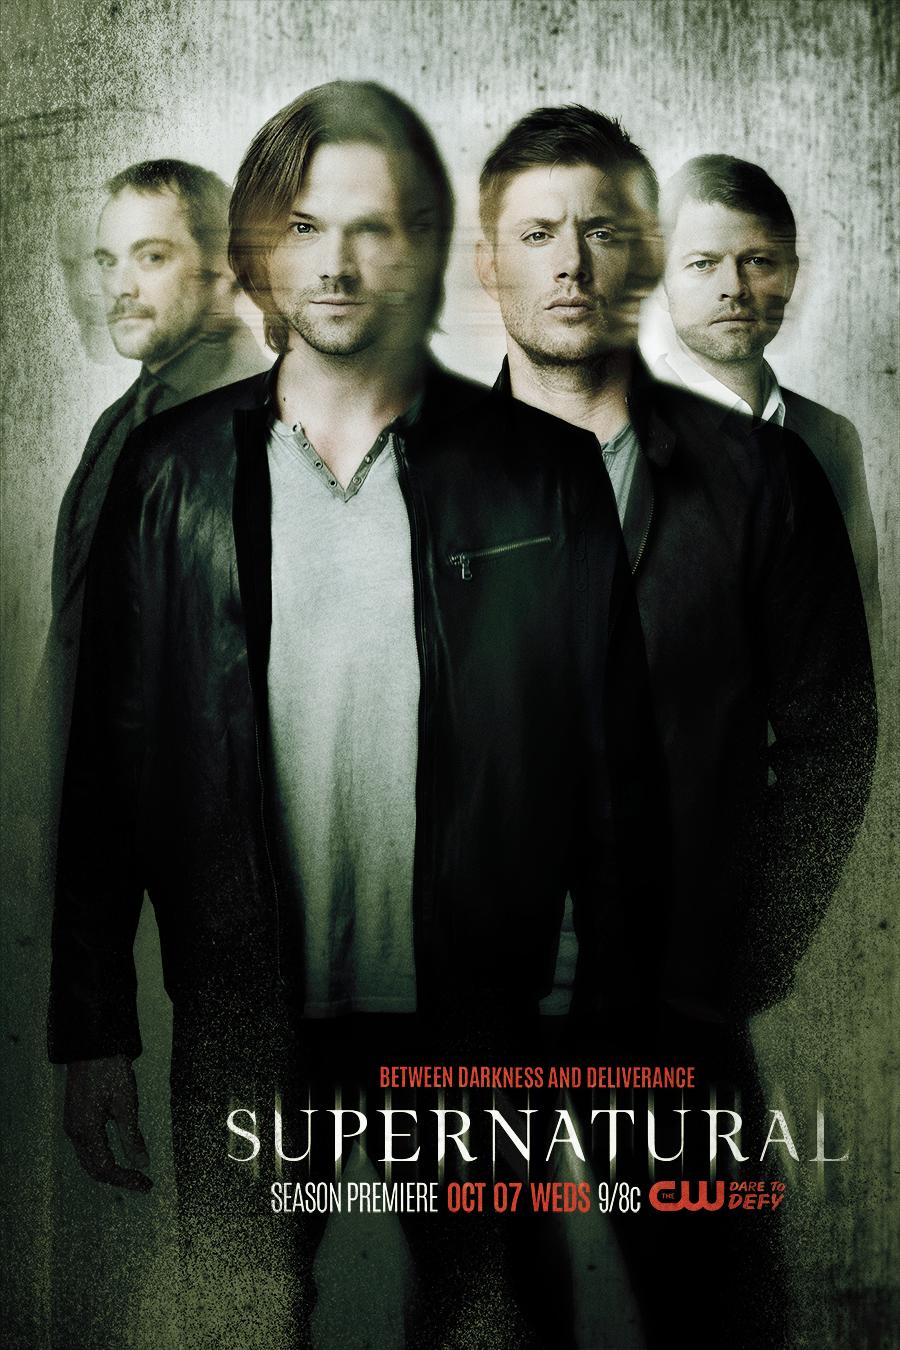 3. Supernatural (CW)